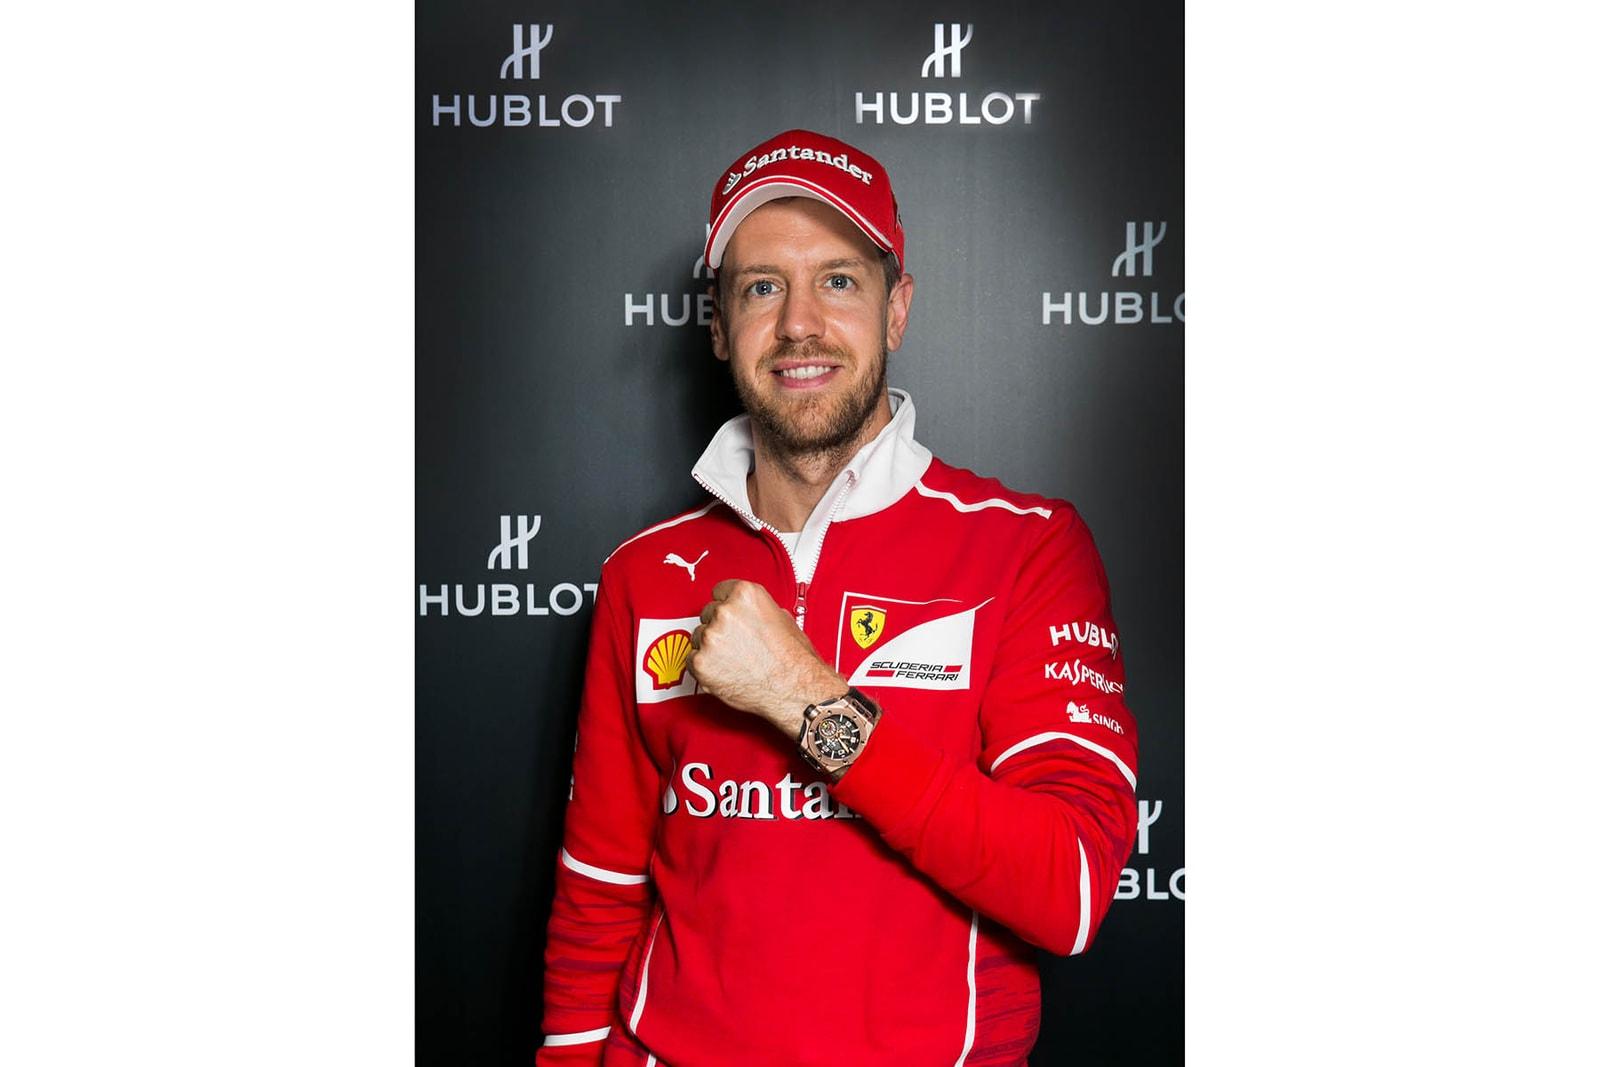 HUBLOT Big Bang Ferrari 腕錶登陸中國